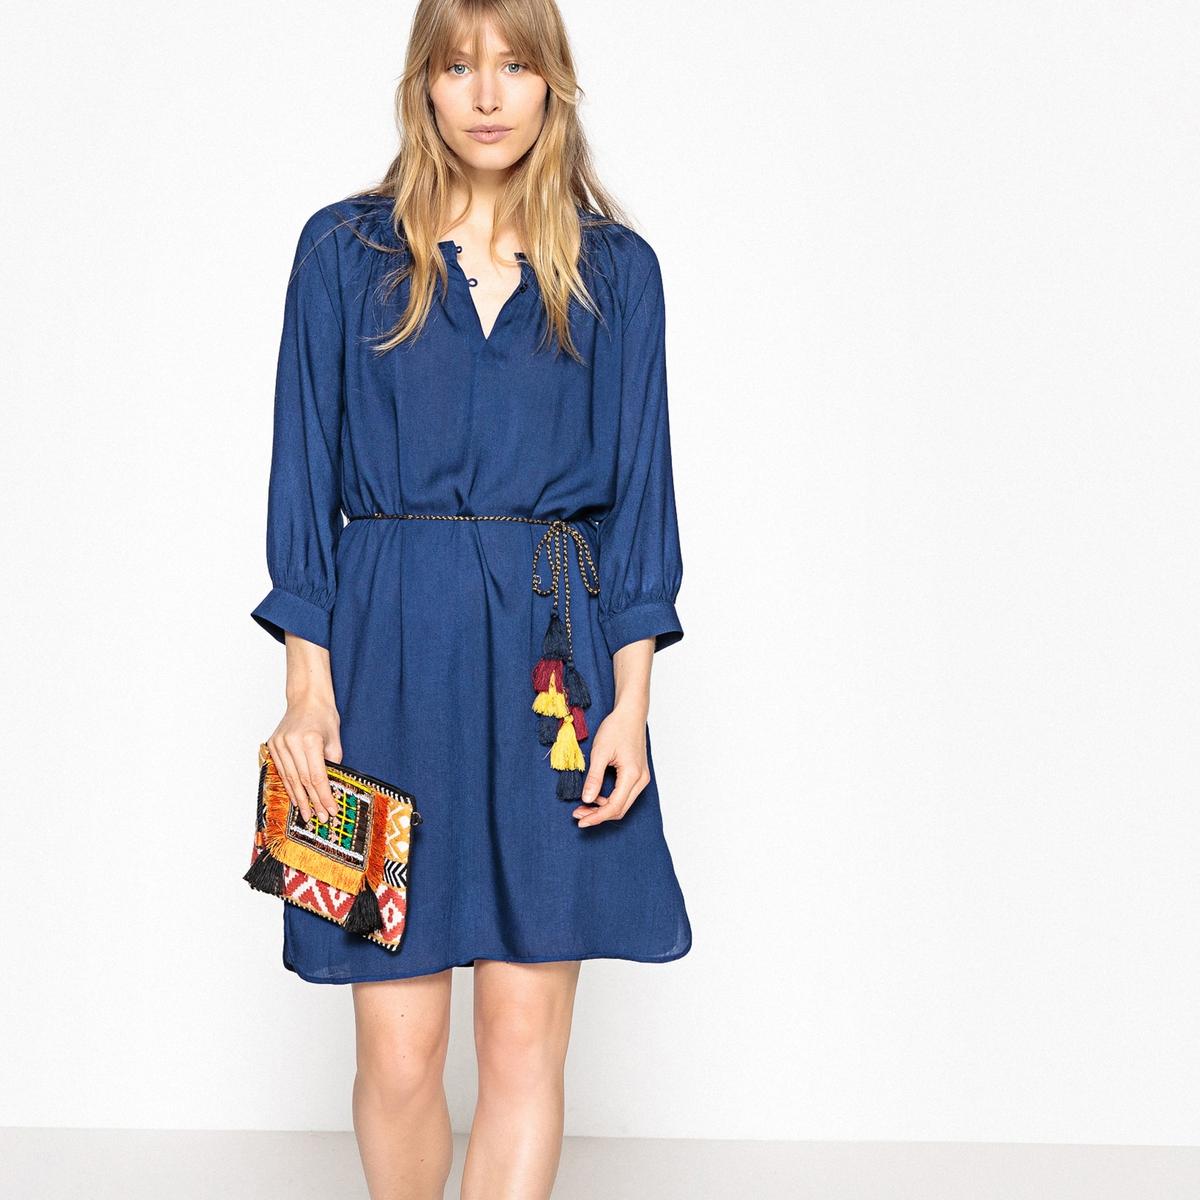 Платье в стиле рубашки, пояс с кисточками